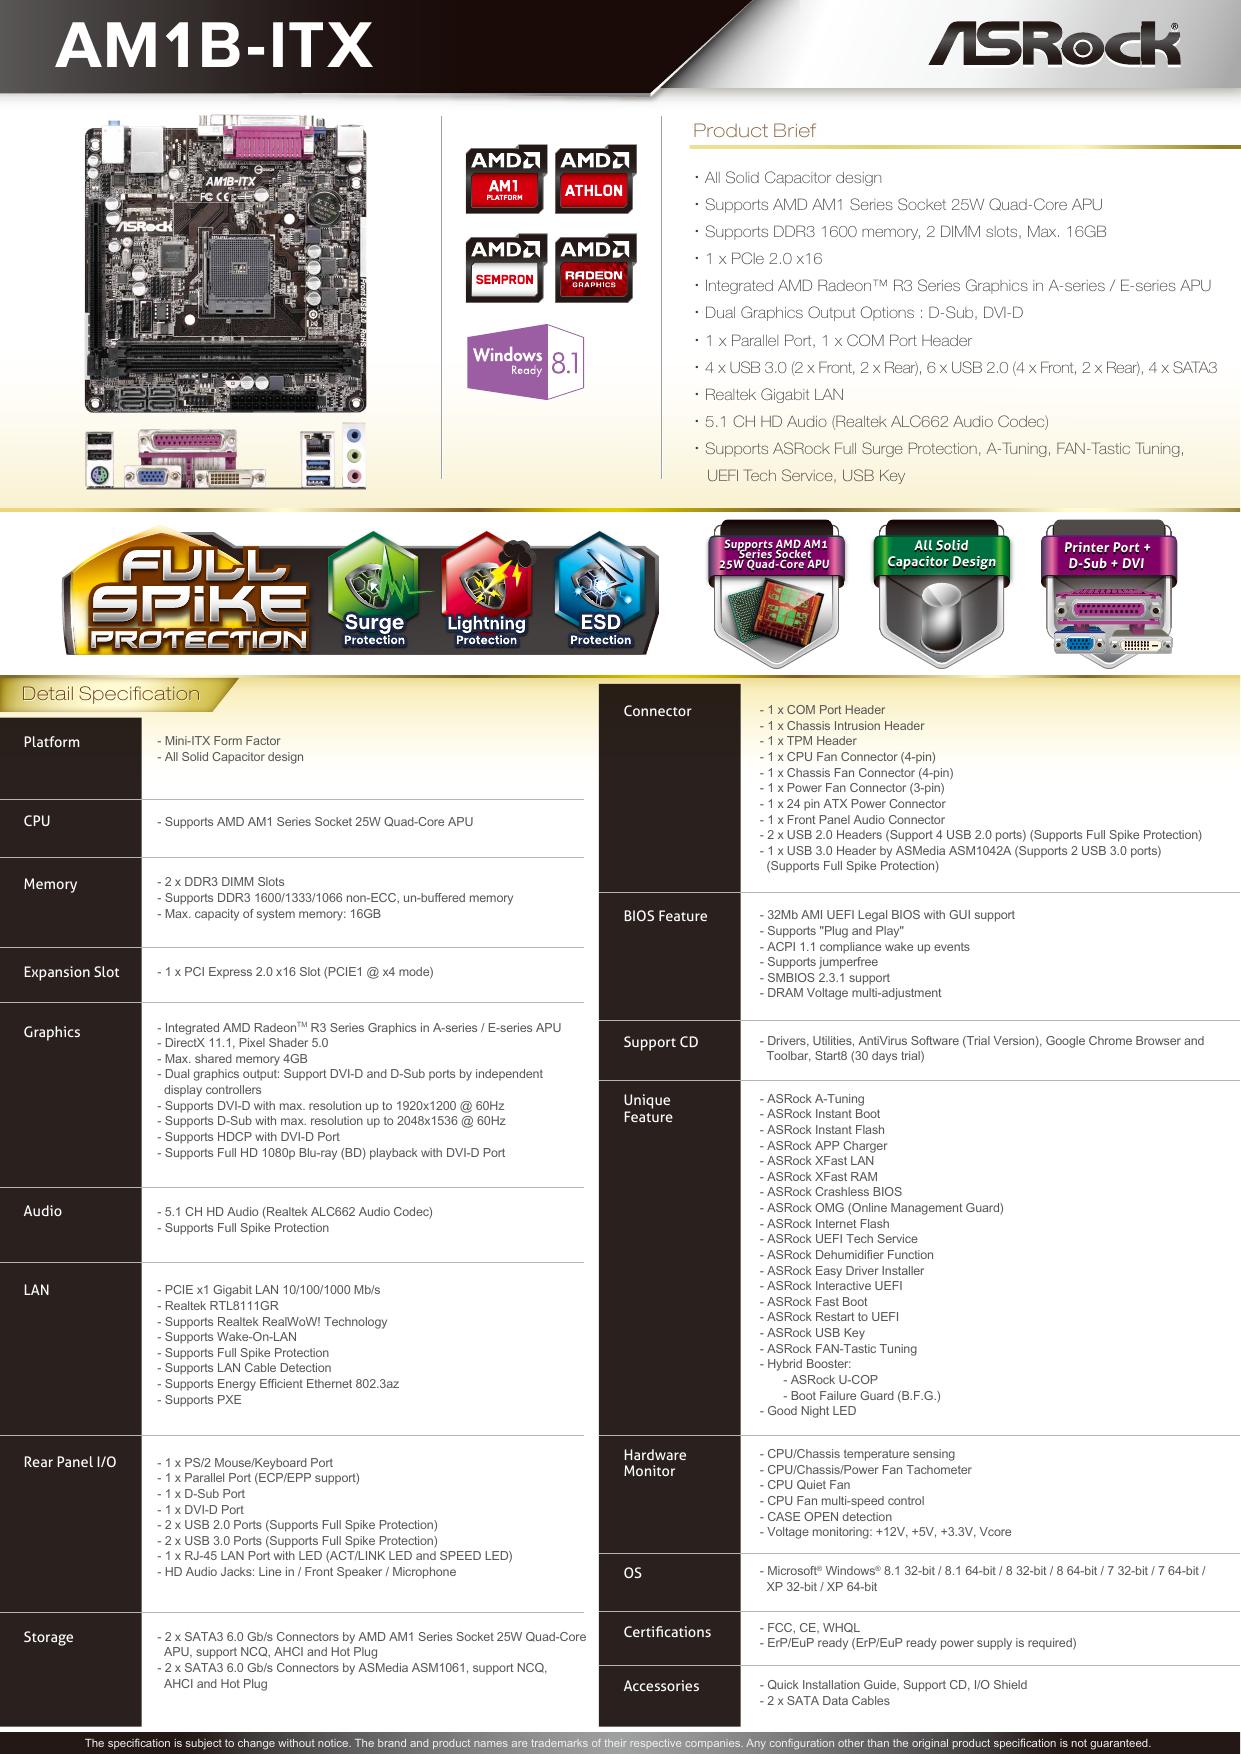 ASRock AM1B-ITX ASMedia USB 3.0 Drivers Update